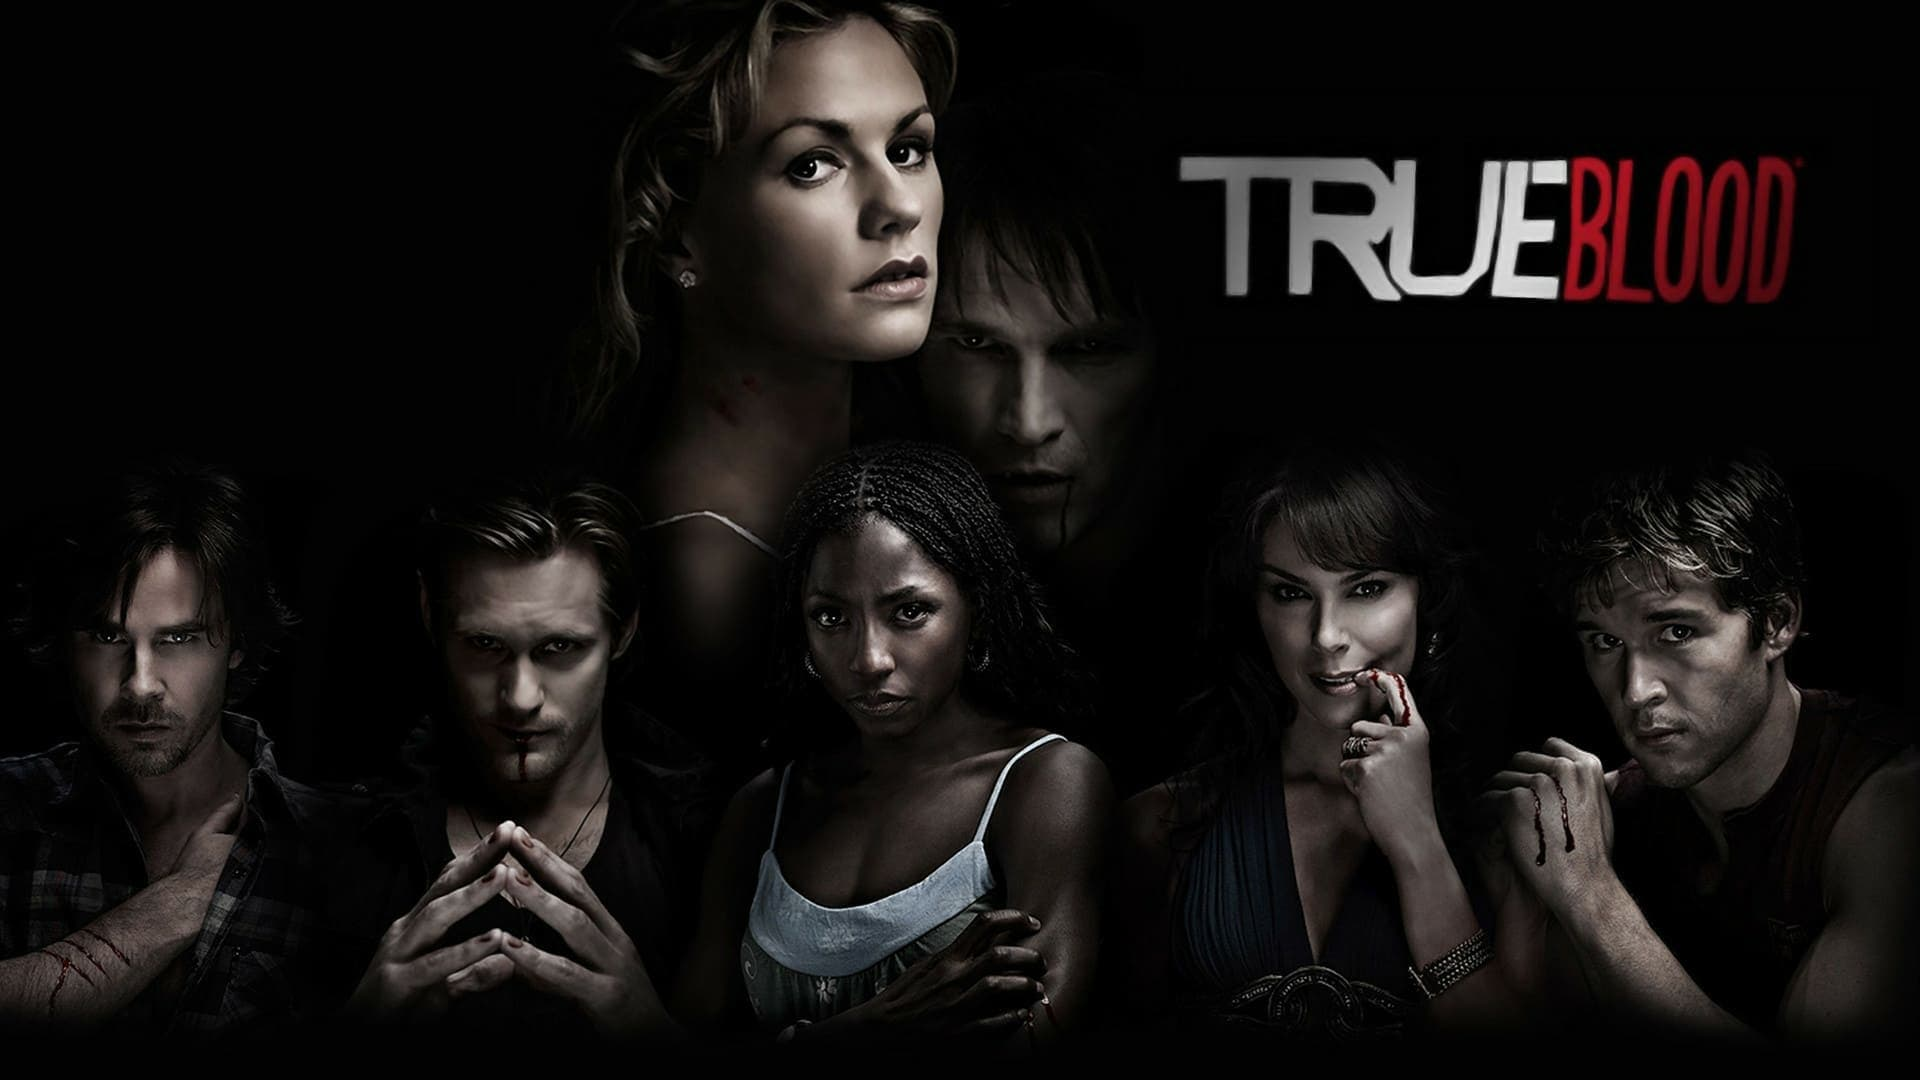 Premiere date final season 'True Blood' announced